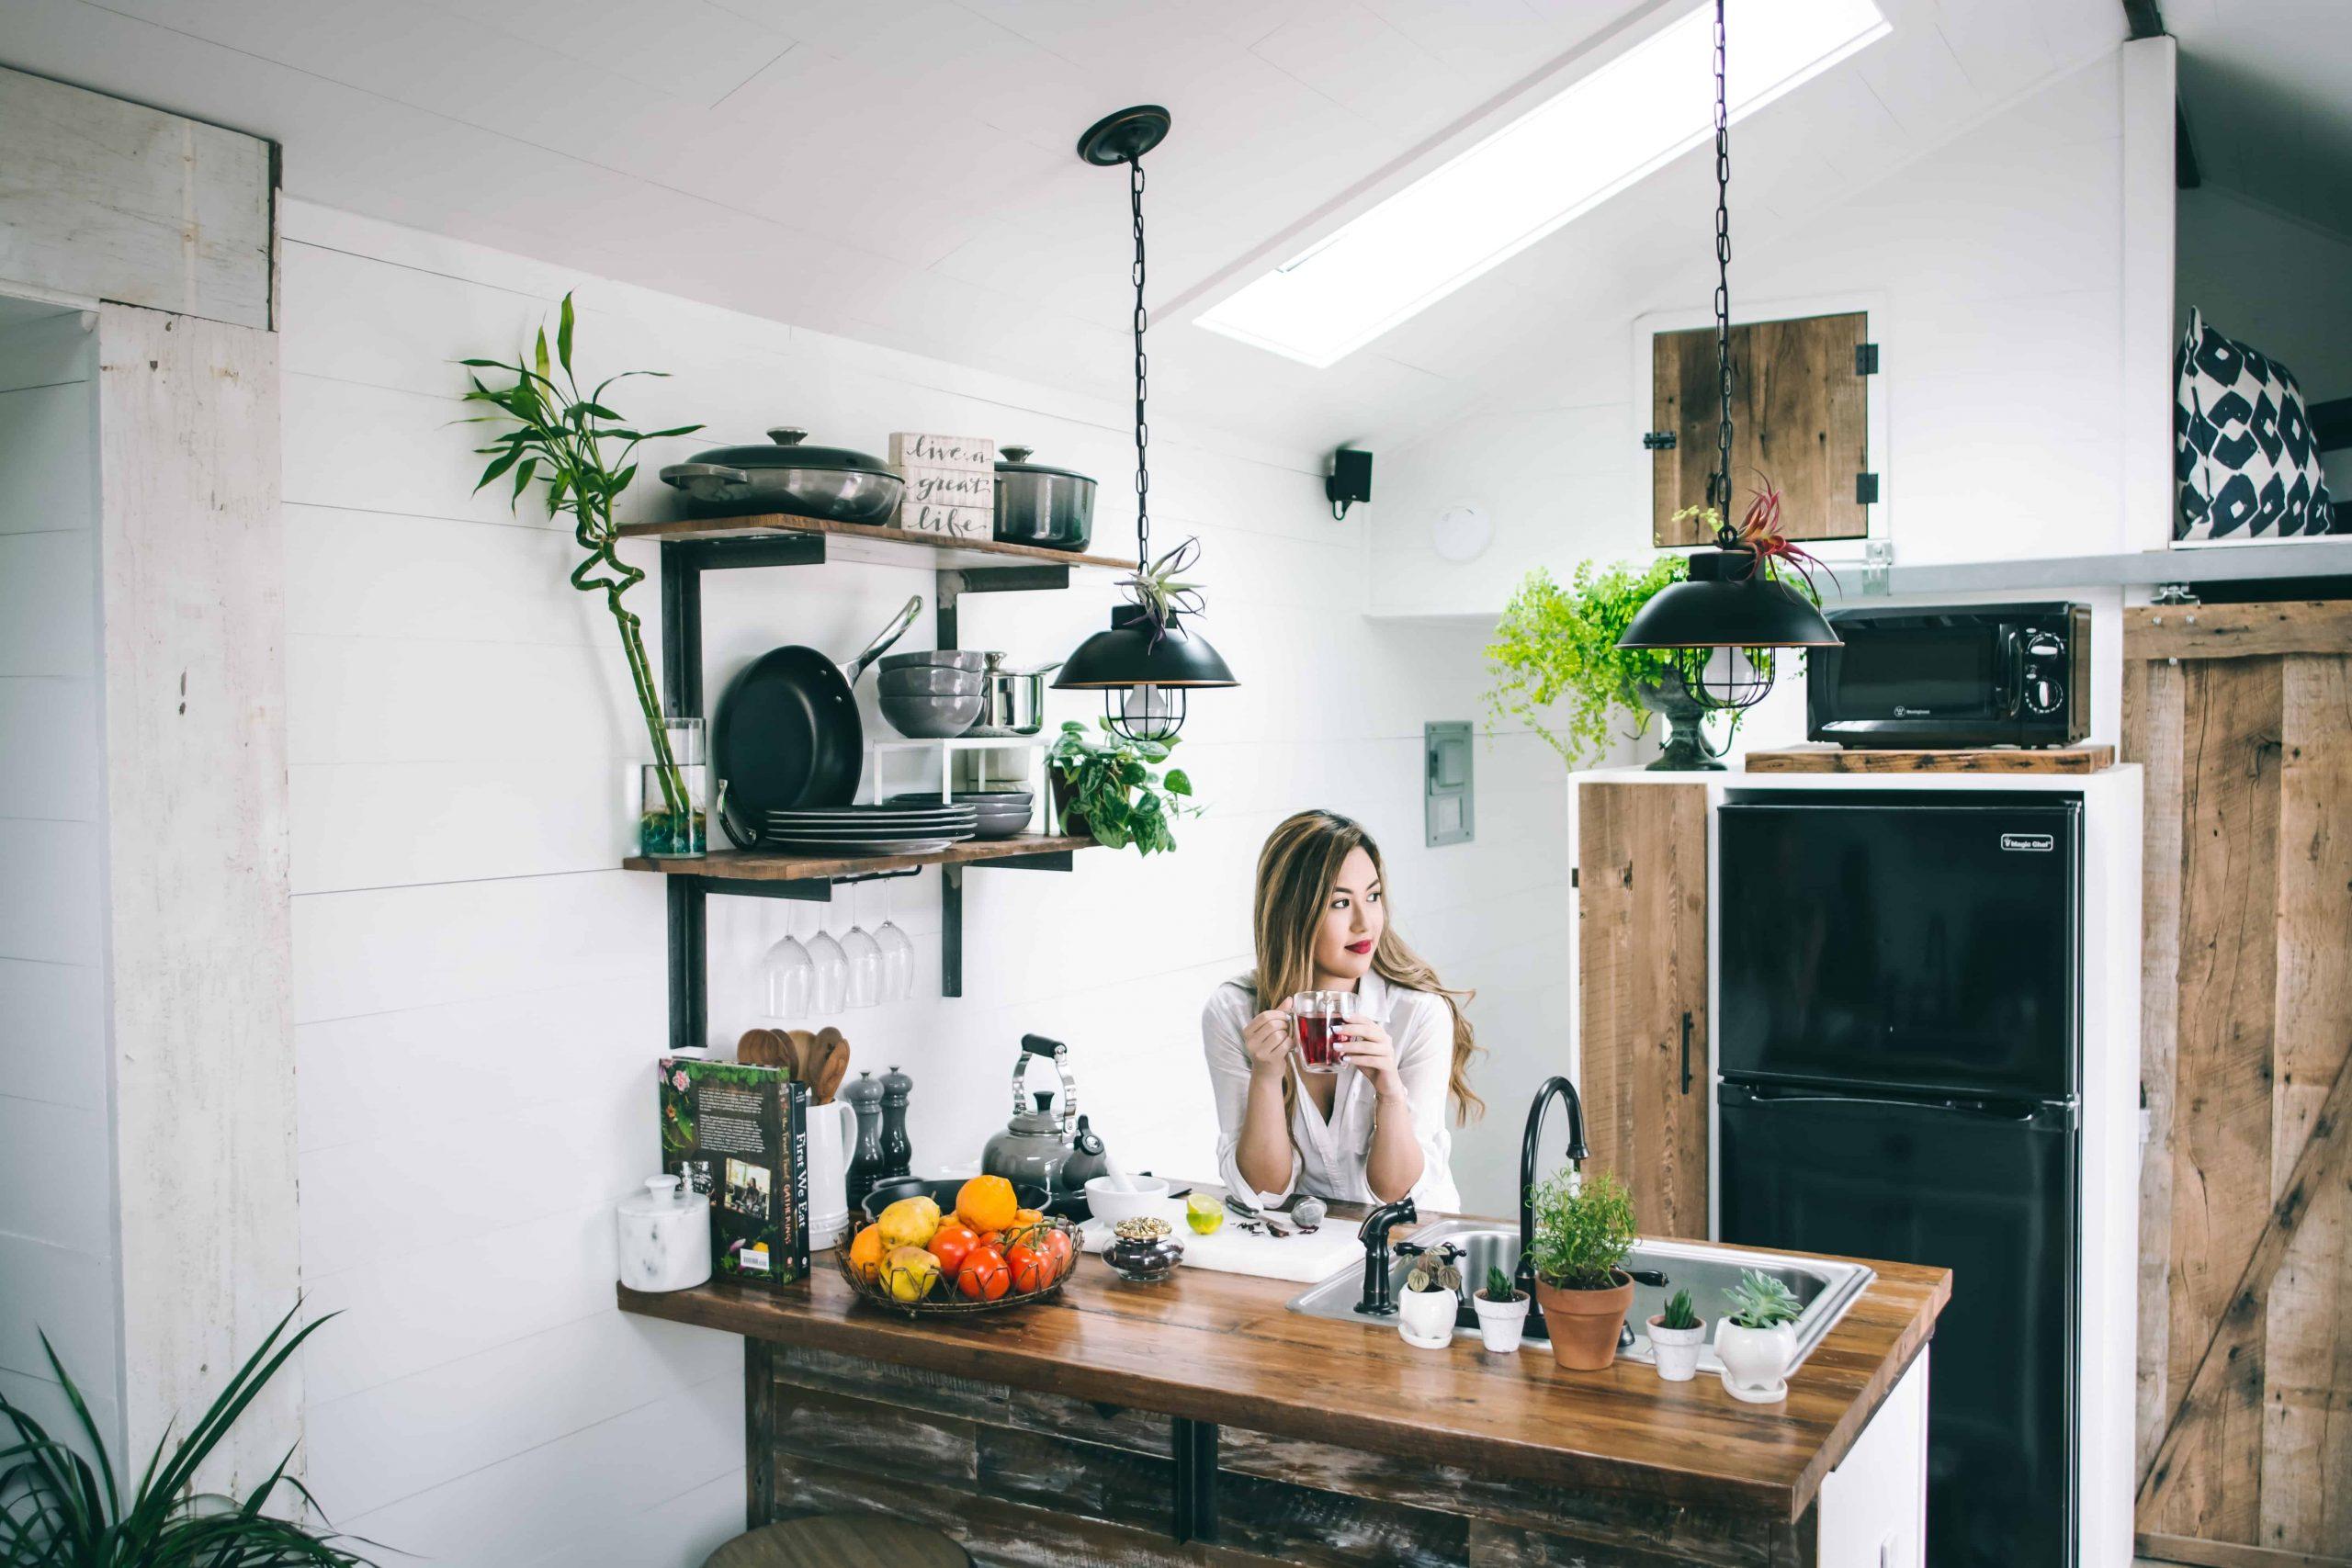 Na foto uma mulher tomando um chá em uma cozinha pequena com móveis de madeira.